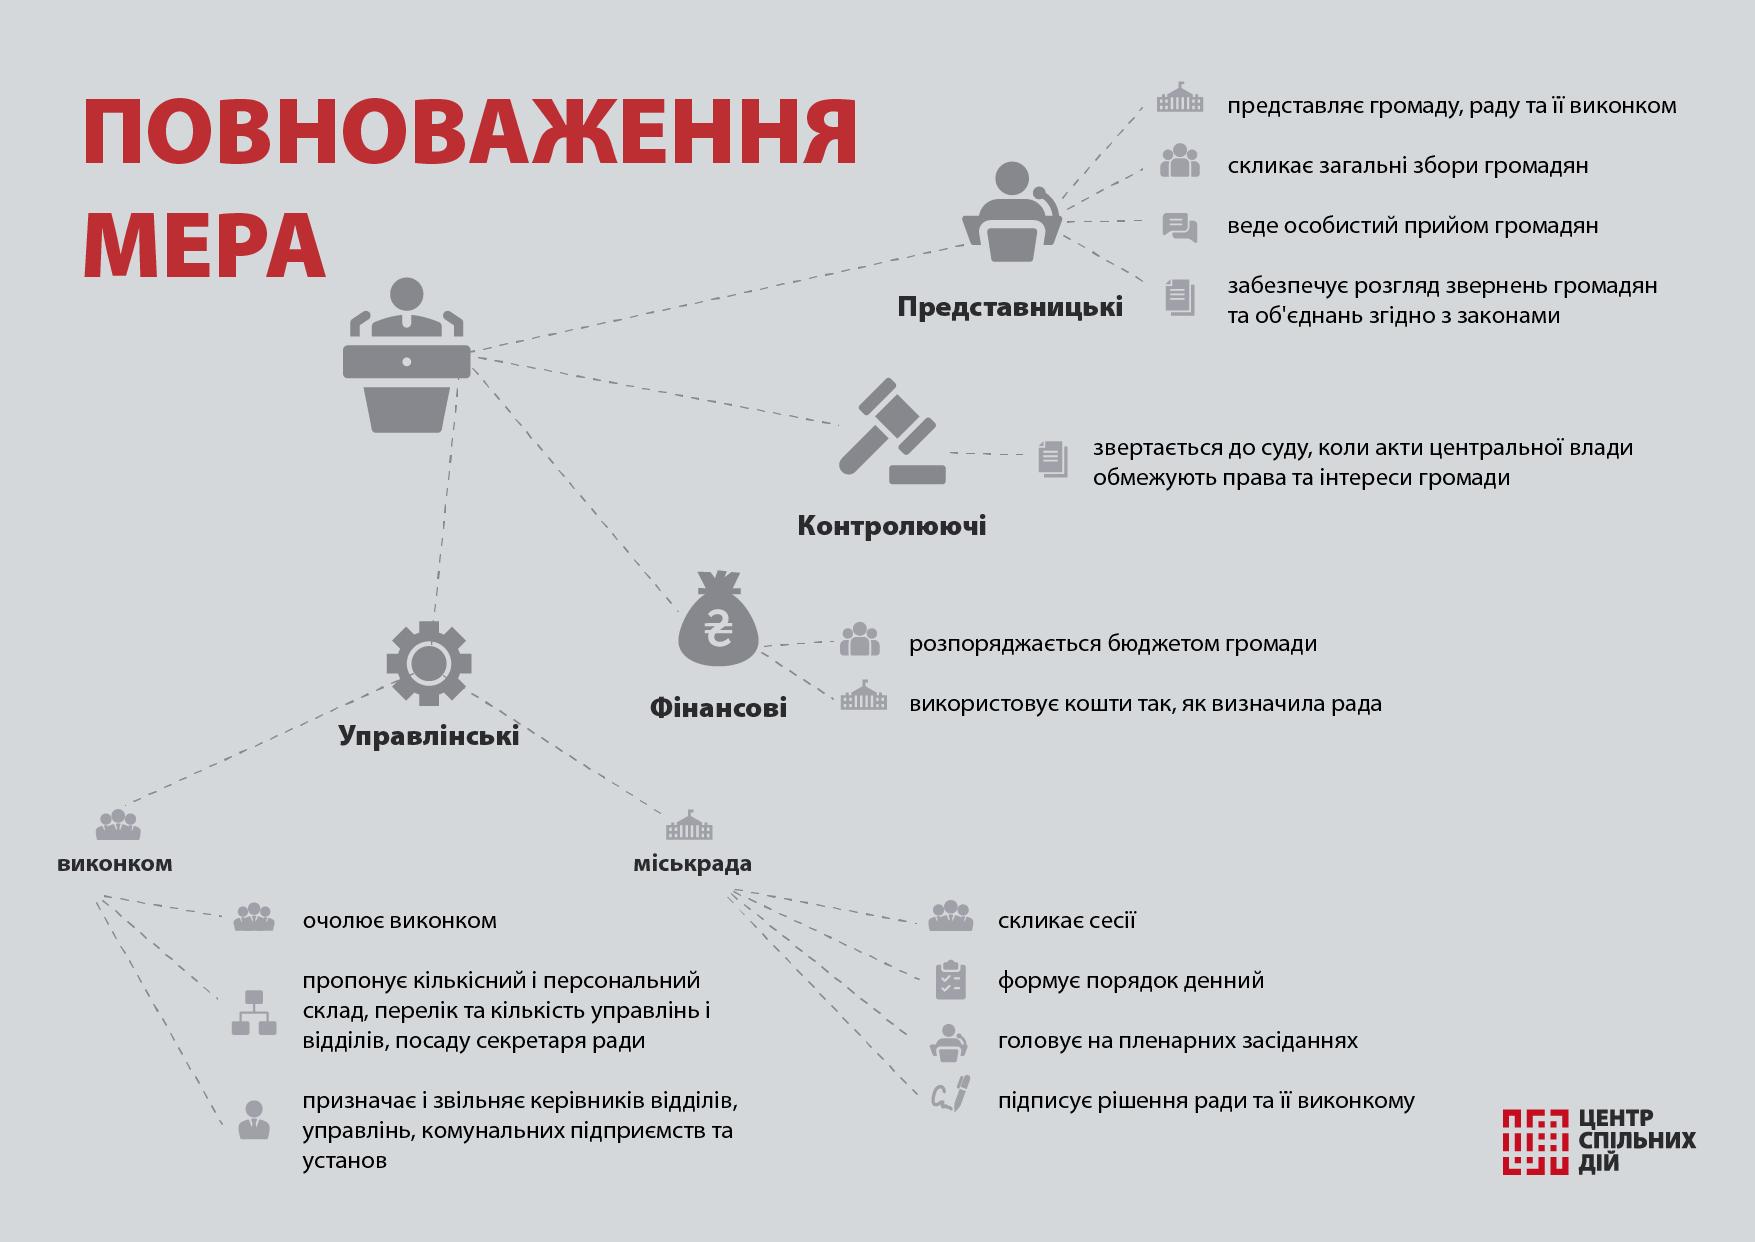 Повноваження мера в Україні